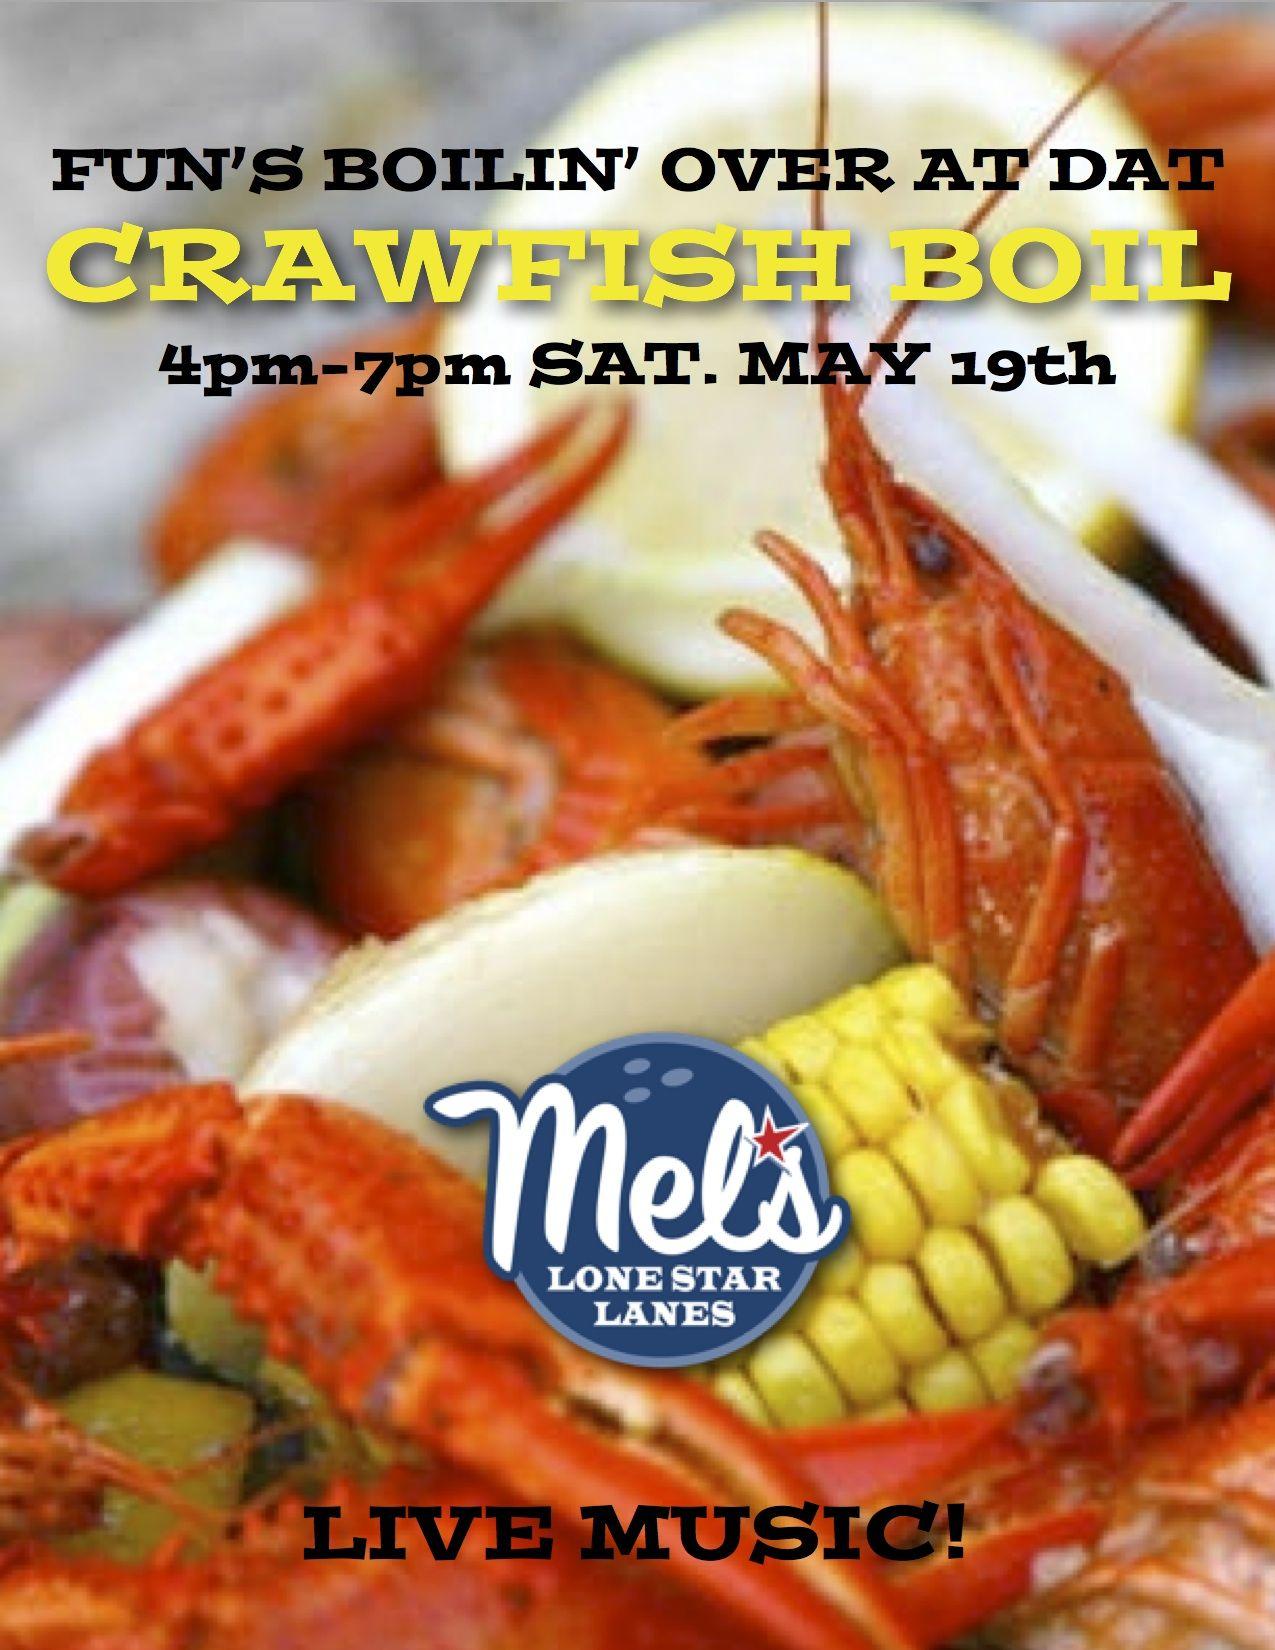 Crawfish Boil 2012. Crawfish